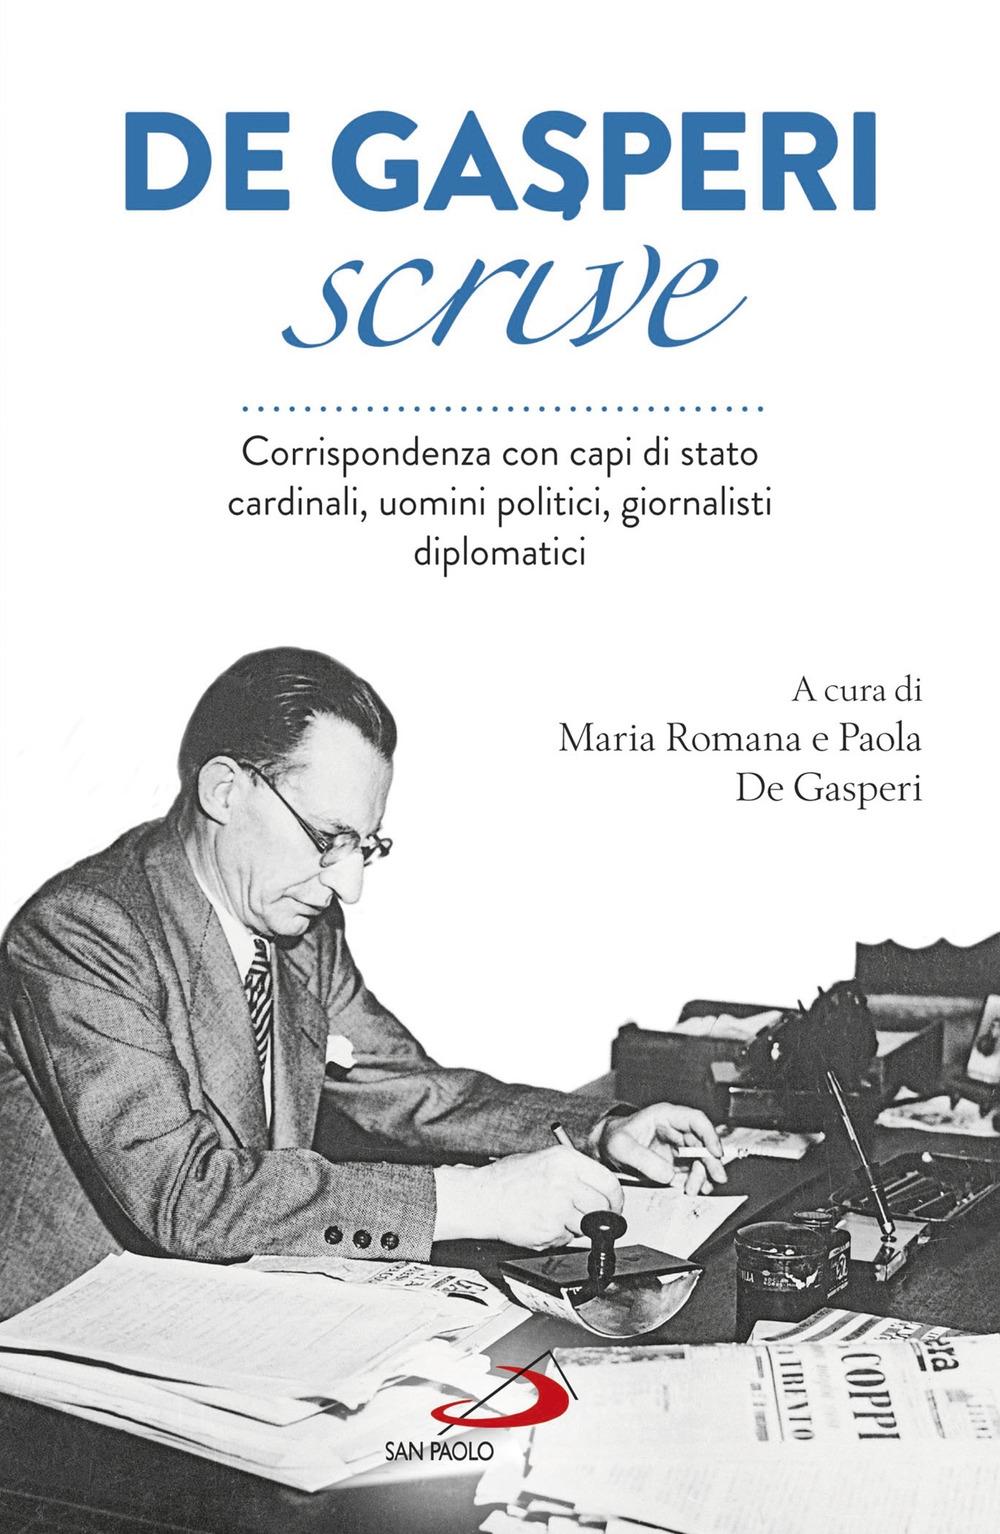 De Gasperi scrive. Corrispondenza con capi di Stato, cardinali, uomini politici, giornalisti, diplomatici